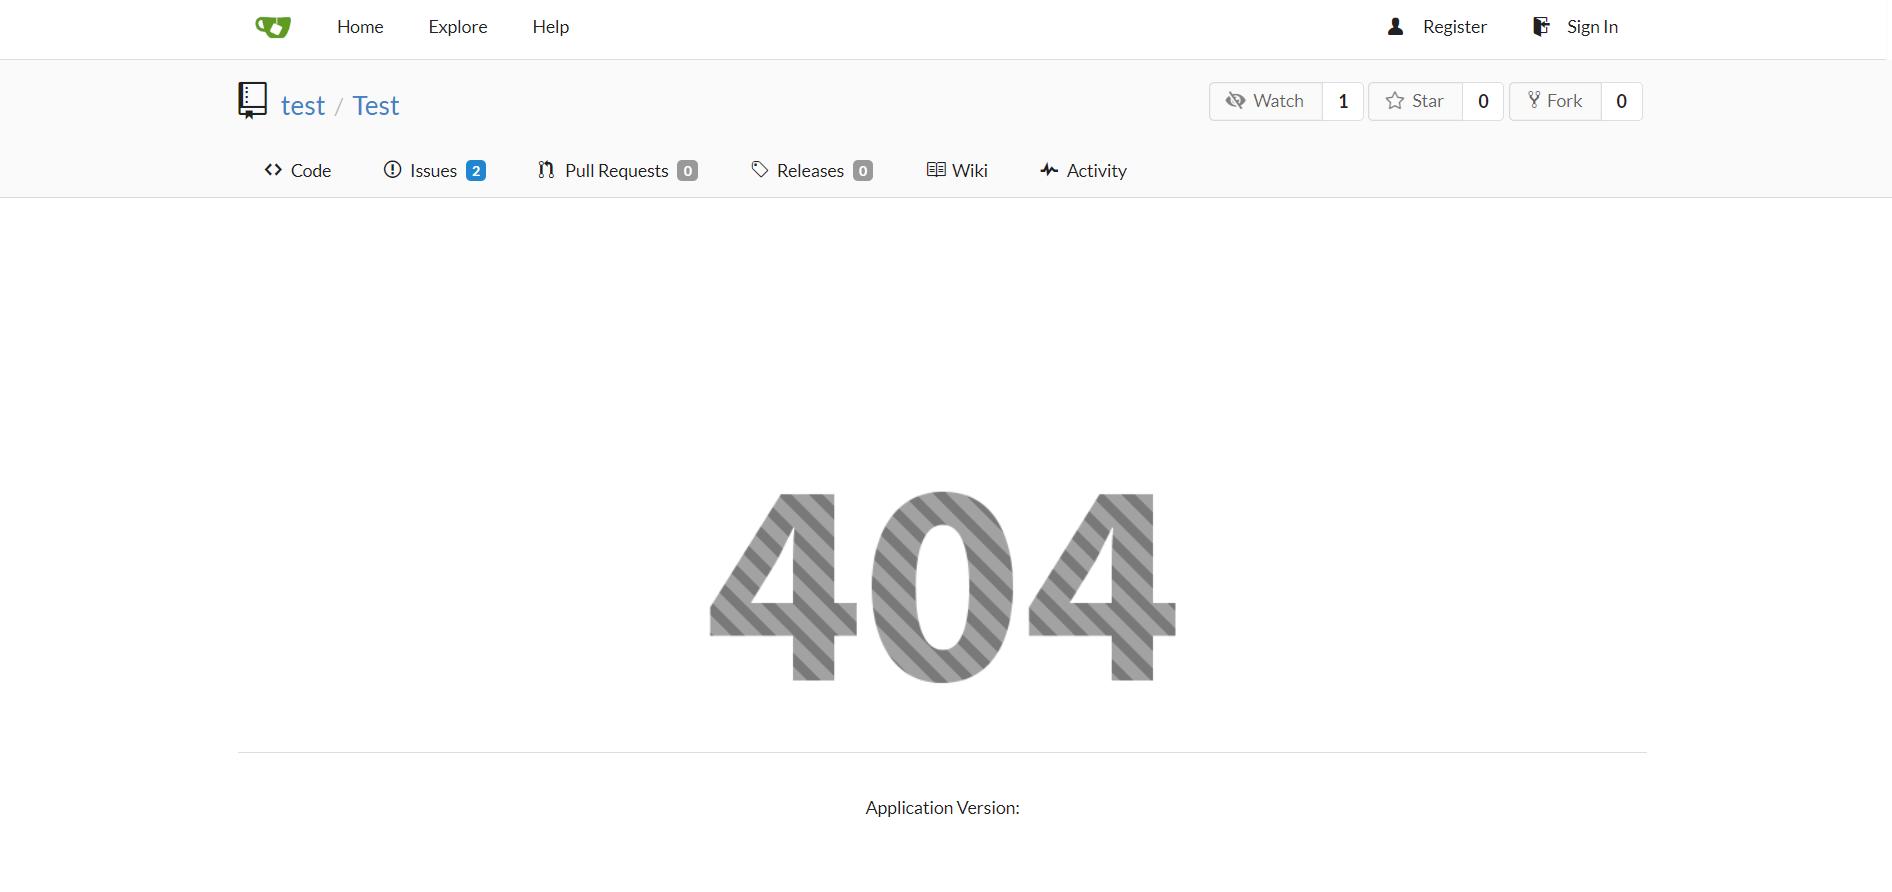 repo 404